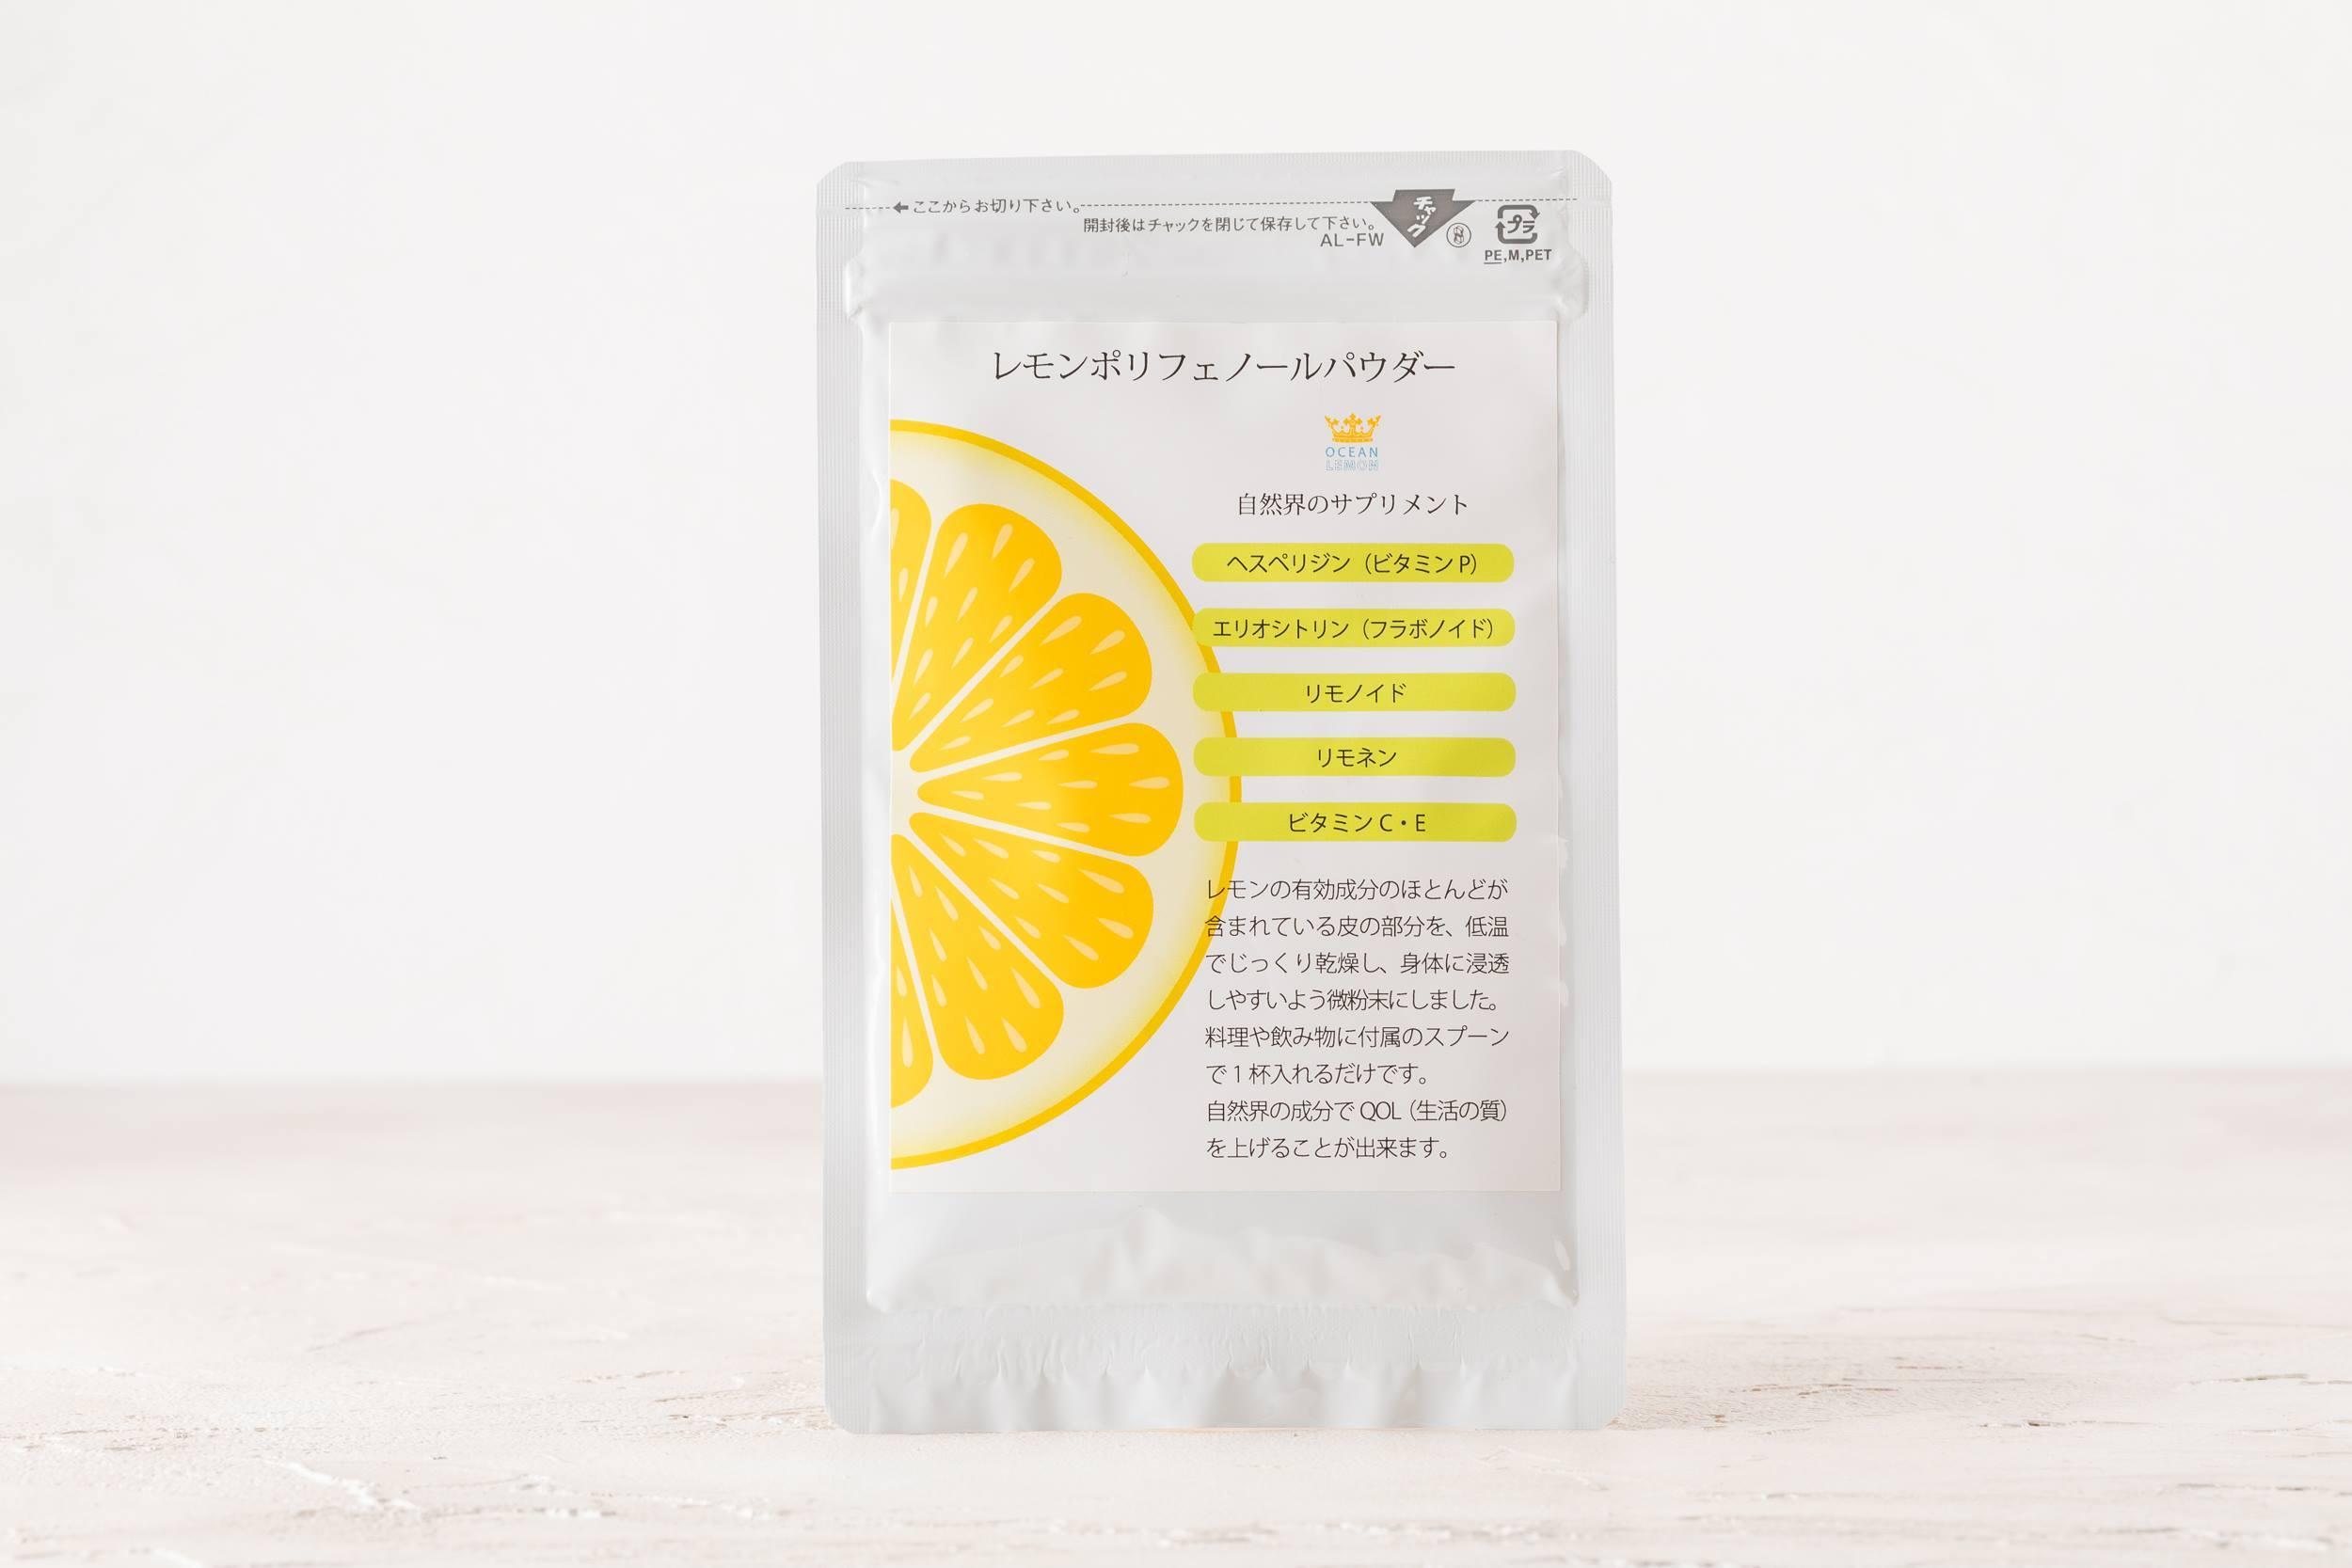 オリジナル商品・レモンポリフェノールパウダー